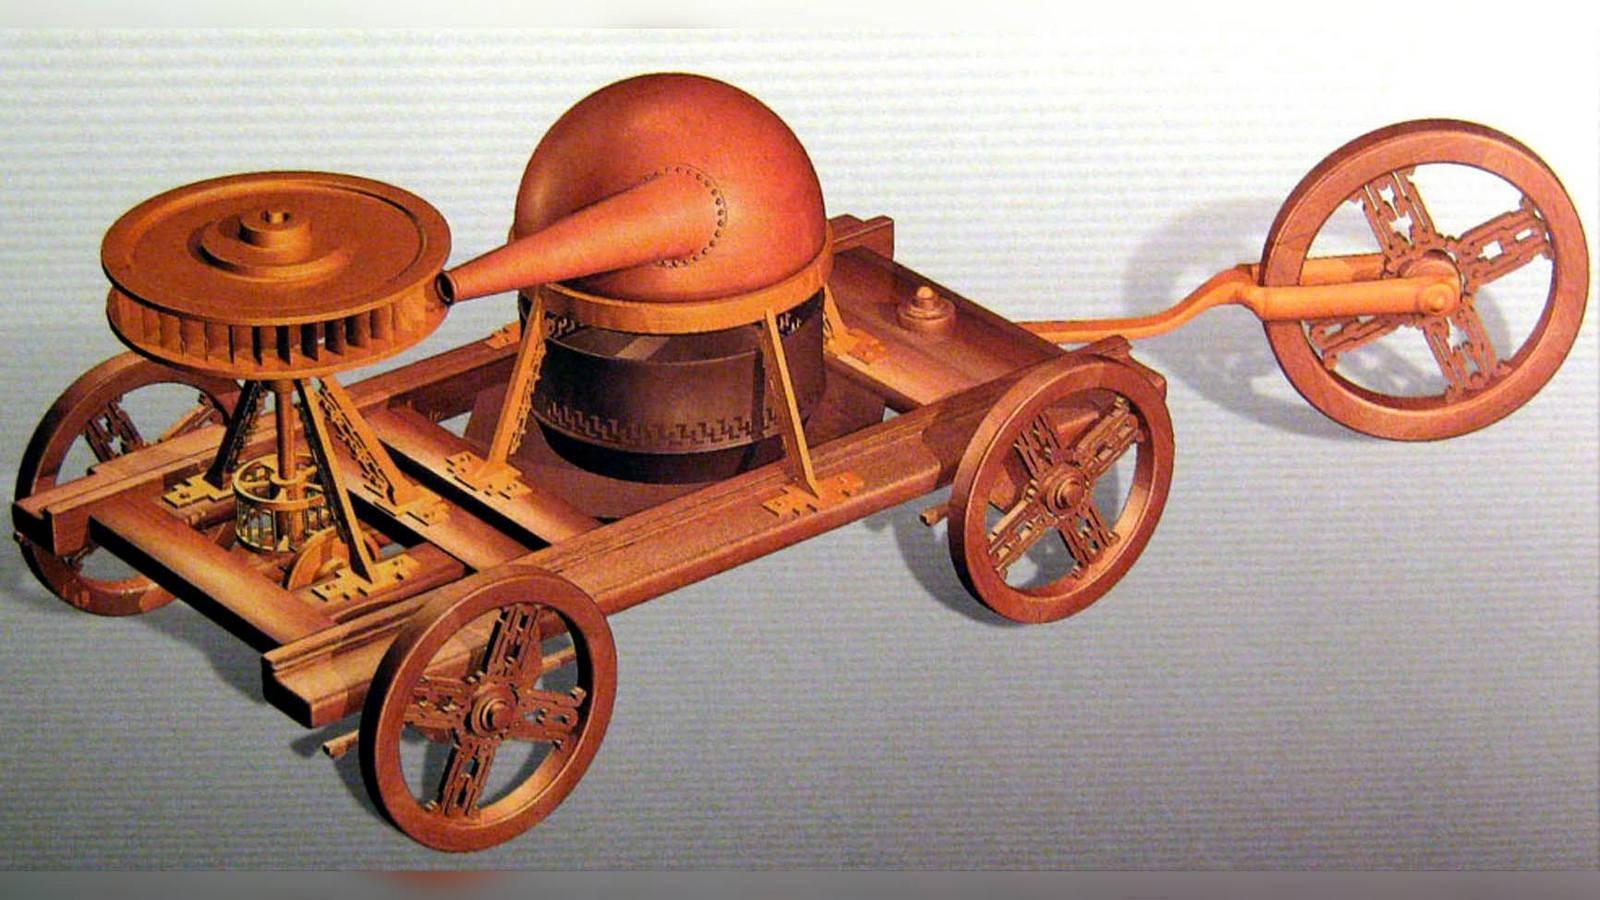 Это незаметное для мировой автомобильной индустрии событие выглядело тем более странным, что создание самоходных повозок с газотурбинными устройствами началось ещё в конце XVII века, и в дальнейшем, вплоть до 1950-х годов, их неспешно доделывали, превратив в особые компактные «моторы» для транспортных нужд. Примером уникальной самодвижущейся древности с такого рода «двигателем» считается тележка с паровым котлом, которую в 1672 году изобрёл фламандский миссионер и учёный Фердинанд Вербист. Его идея заключалась в направлении струи горячего пара на горизонтальное колесо с лопатками, приводившее в движение два передних колеса.Макет самоходной повозки Фердинанда Вербиста с древним прообразом газотурбинной установкиТак что же это за уникально простой, компактный и мощный газотурбинный двигатель (ГТД) в одновальном исполнении для легковушек? В обобщенной конструктивной схеме он снабжался радиальным компрессором, засасывавшим воздух в камеры сгорания, куда впрыскивалось недорогое жидкое топливо. При воспламенении горючей смеси раскаленные газы раскручивали как компрессор-нагнетатель воздуха, так и тяговую турбину с шестеренчатым редуктором, понижавшим число оборотов до значения, приемлемого для привода колес автомобиля.Упрощенная схема автомобильного ГТД: 1 — компрессор, 2 — тяговая турбина, 3 — турбина компрессораВ рекламных проспектах ГТД называли «альтернативой ДВС» и сообщали, что они могут работать «на всём, что течёт и горит», включая арахисовое масло, спирт, одеколон и духи Chanel. В разных версиях максимальная температура газов на выходе из ГТД колебалась от 800 до 1200 градусов. Внешне легковые газотурбинные концепт-кары почти ничем не отличались от серийных автомобилей или являлись принципиально новыми конструкциями, но в обоих случаях были собраны в опытных образцах, не предназначенных для серийного производства.Газотурбинные автомобили компании RoverЛавры создания первого в мире газотурбинного легкового автомобиля принадлежали британской компании Rover, инженер